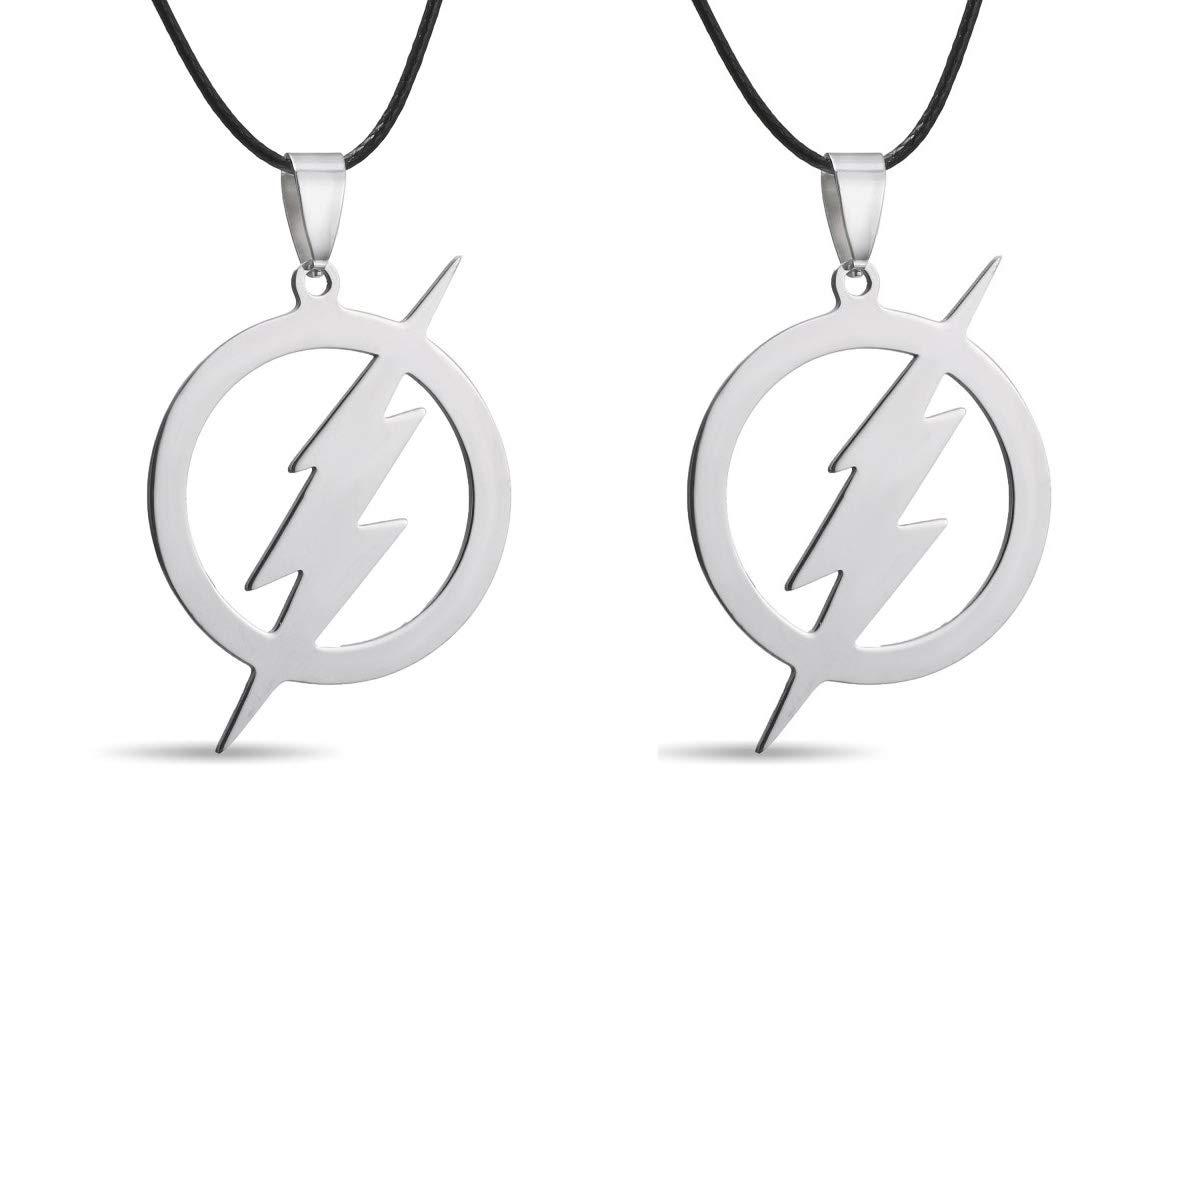 Rinhoo Stainless Steel Superhero Flash Lightning Pendant Necklace for Men boy Girls Gift Rinhoo-480